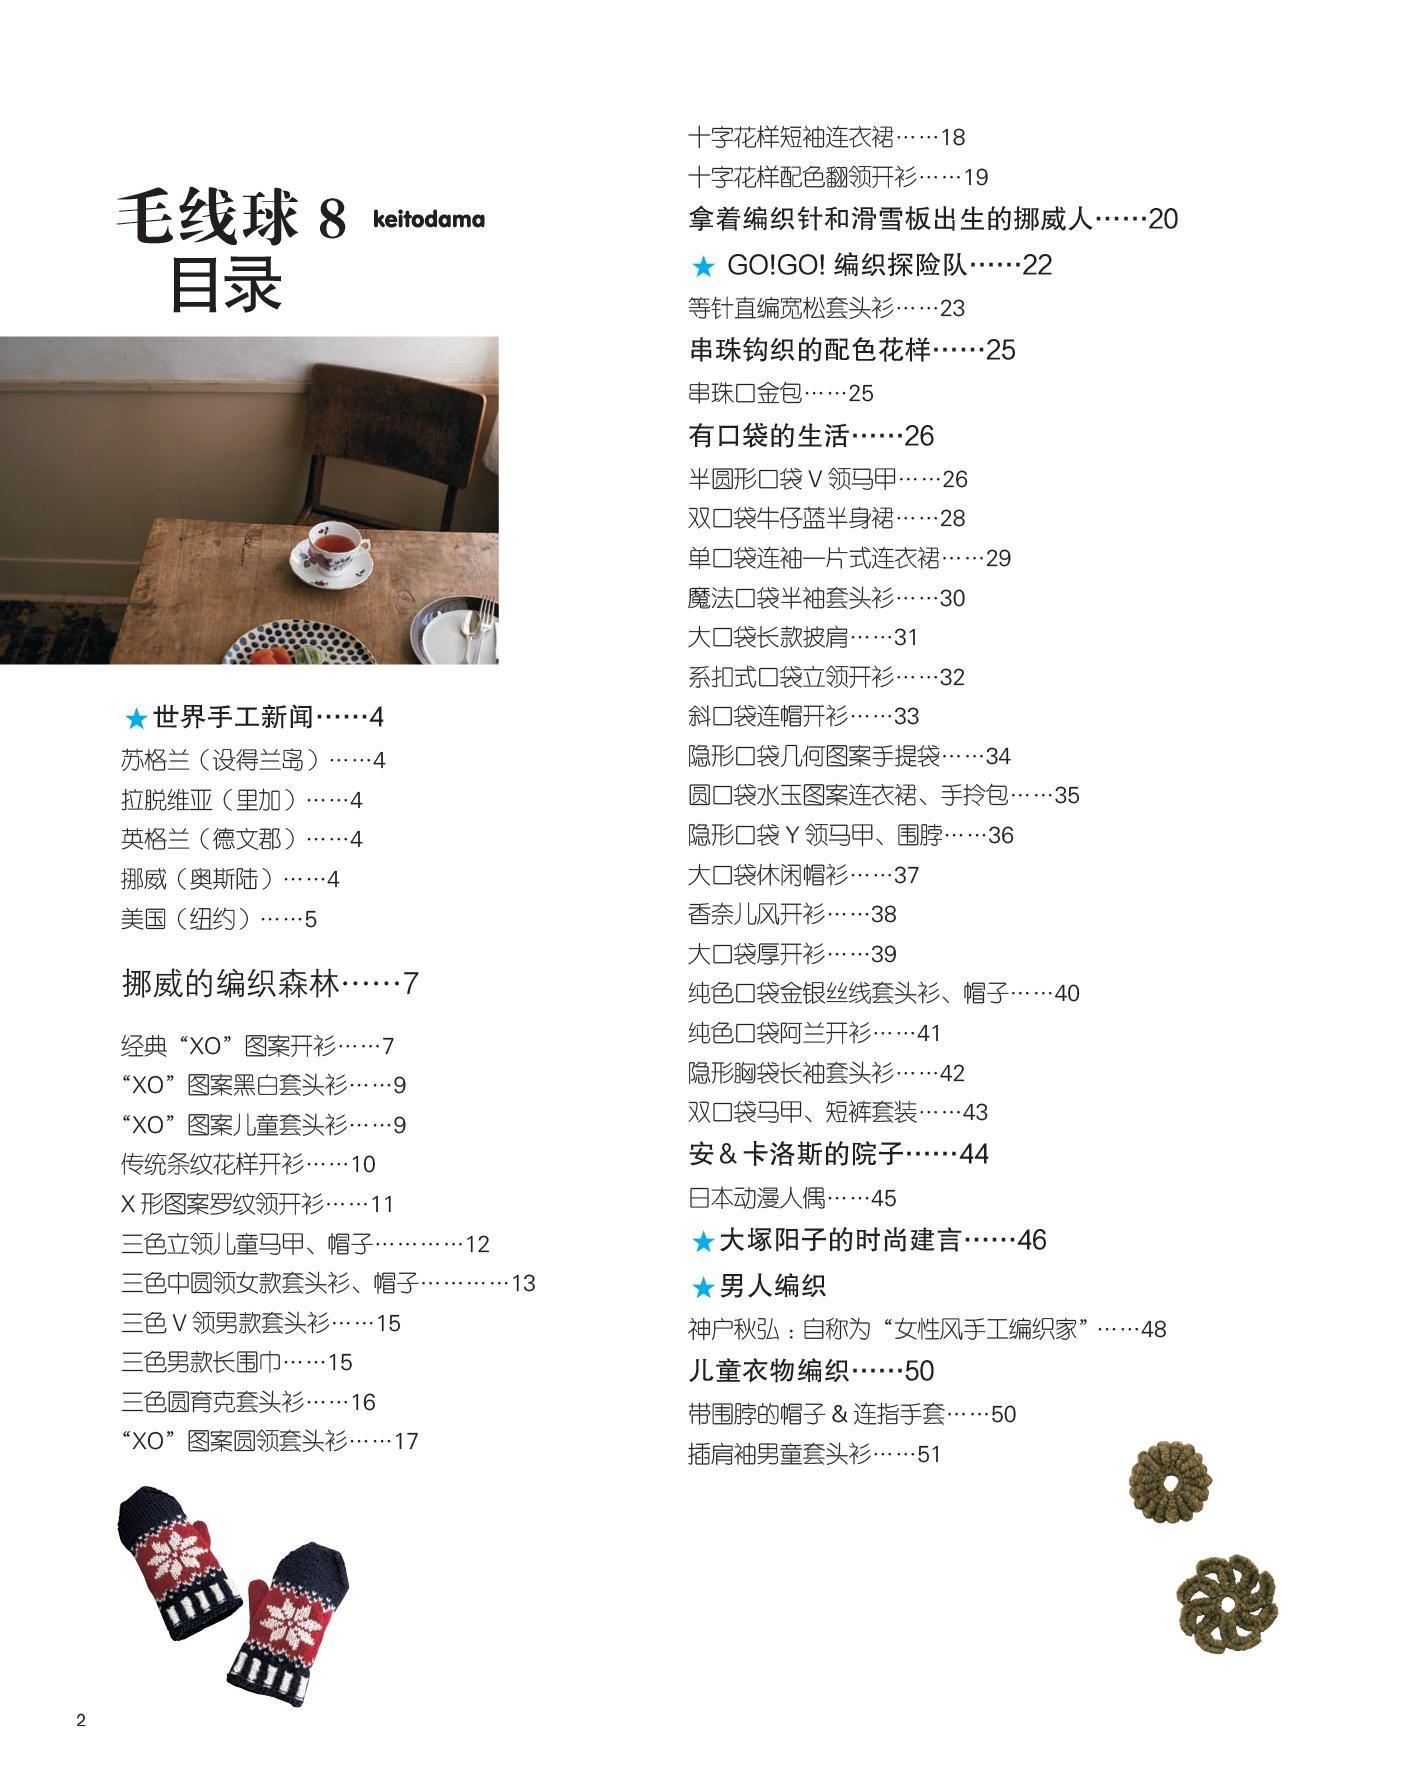 彩页-毛线球8内文-3.jpg